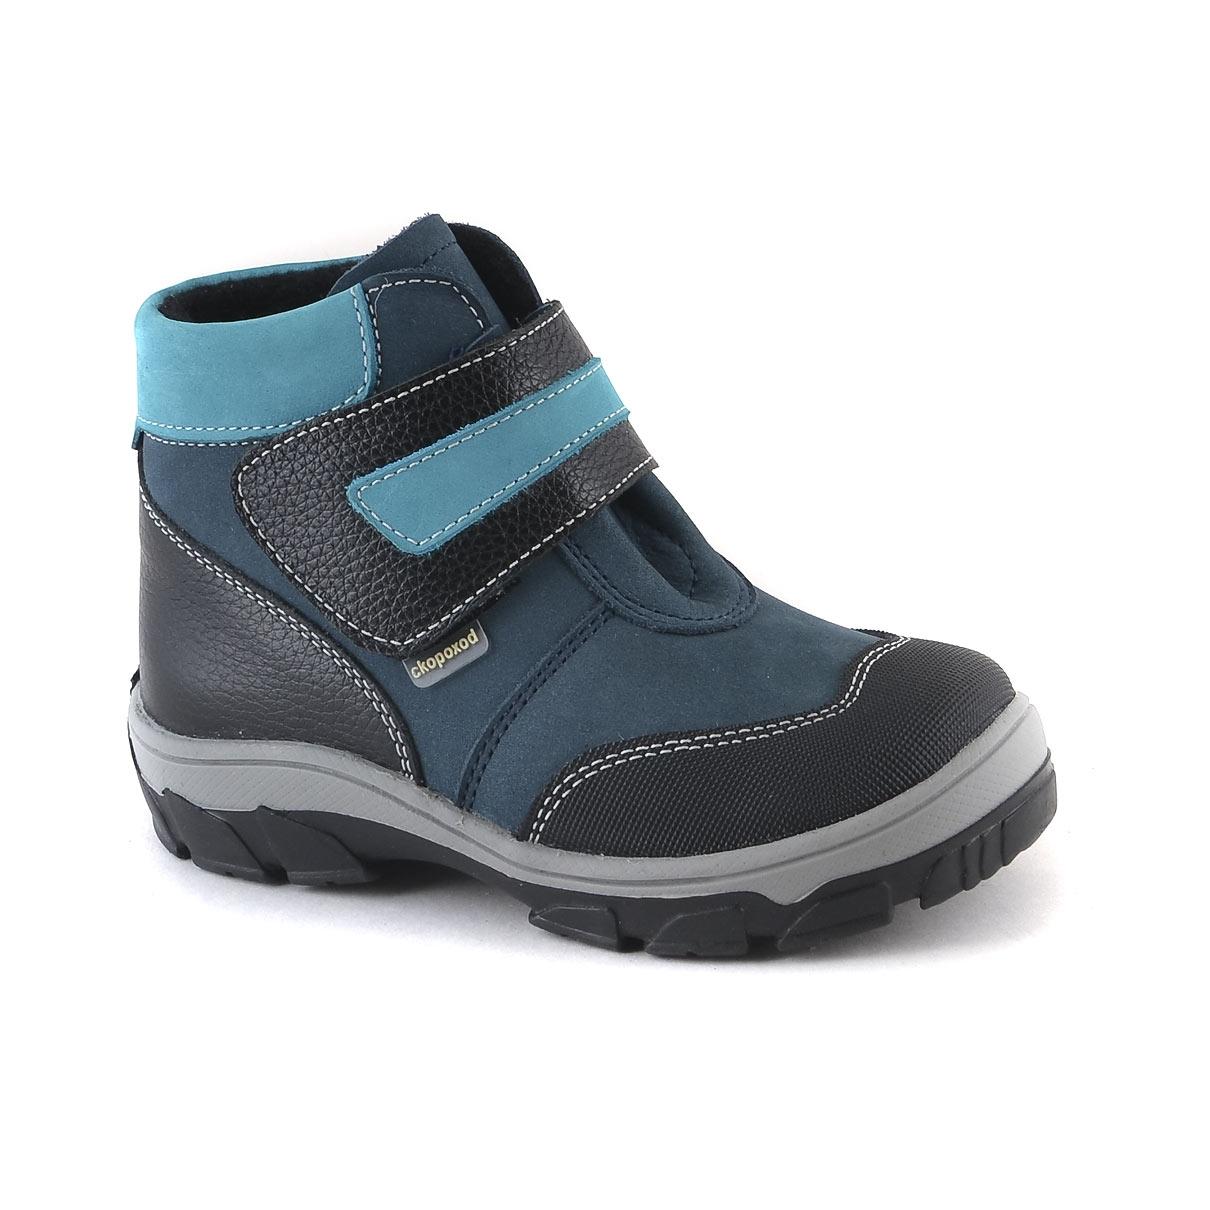 Купить со скидкой Ботинки ясельные для мальчика Детский Скороход черно-синие